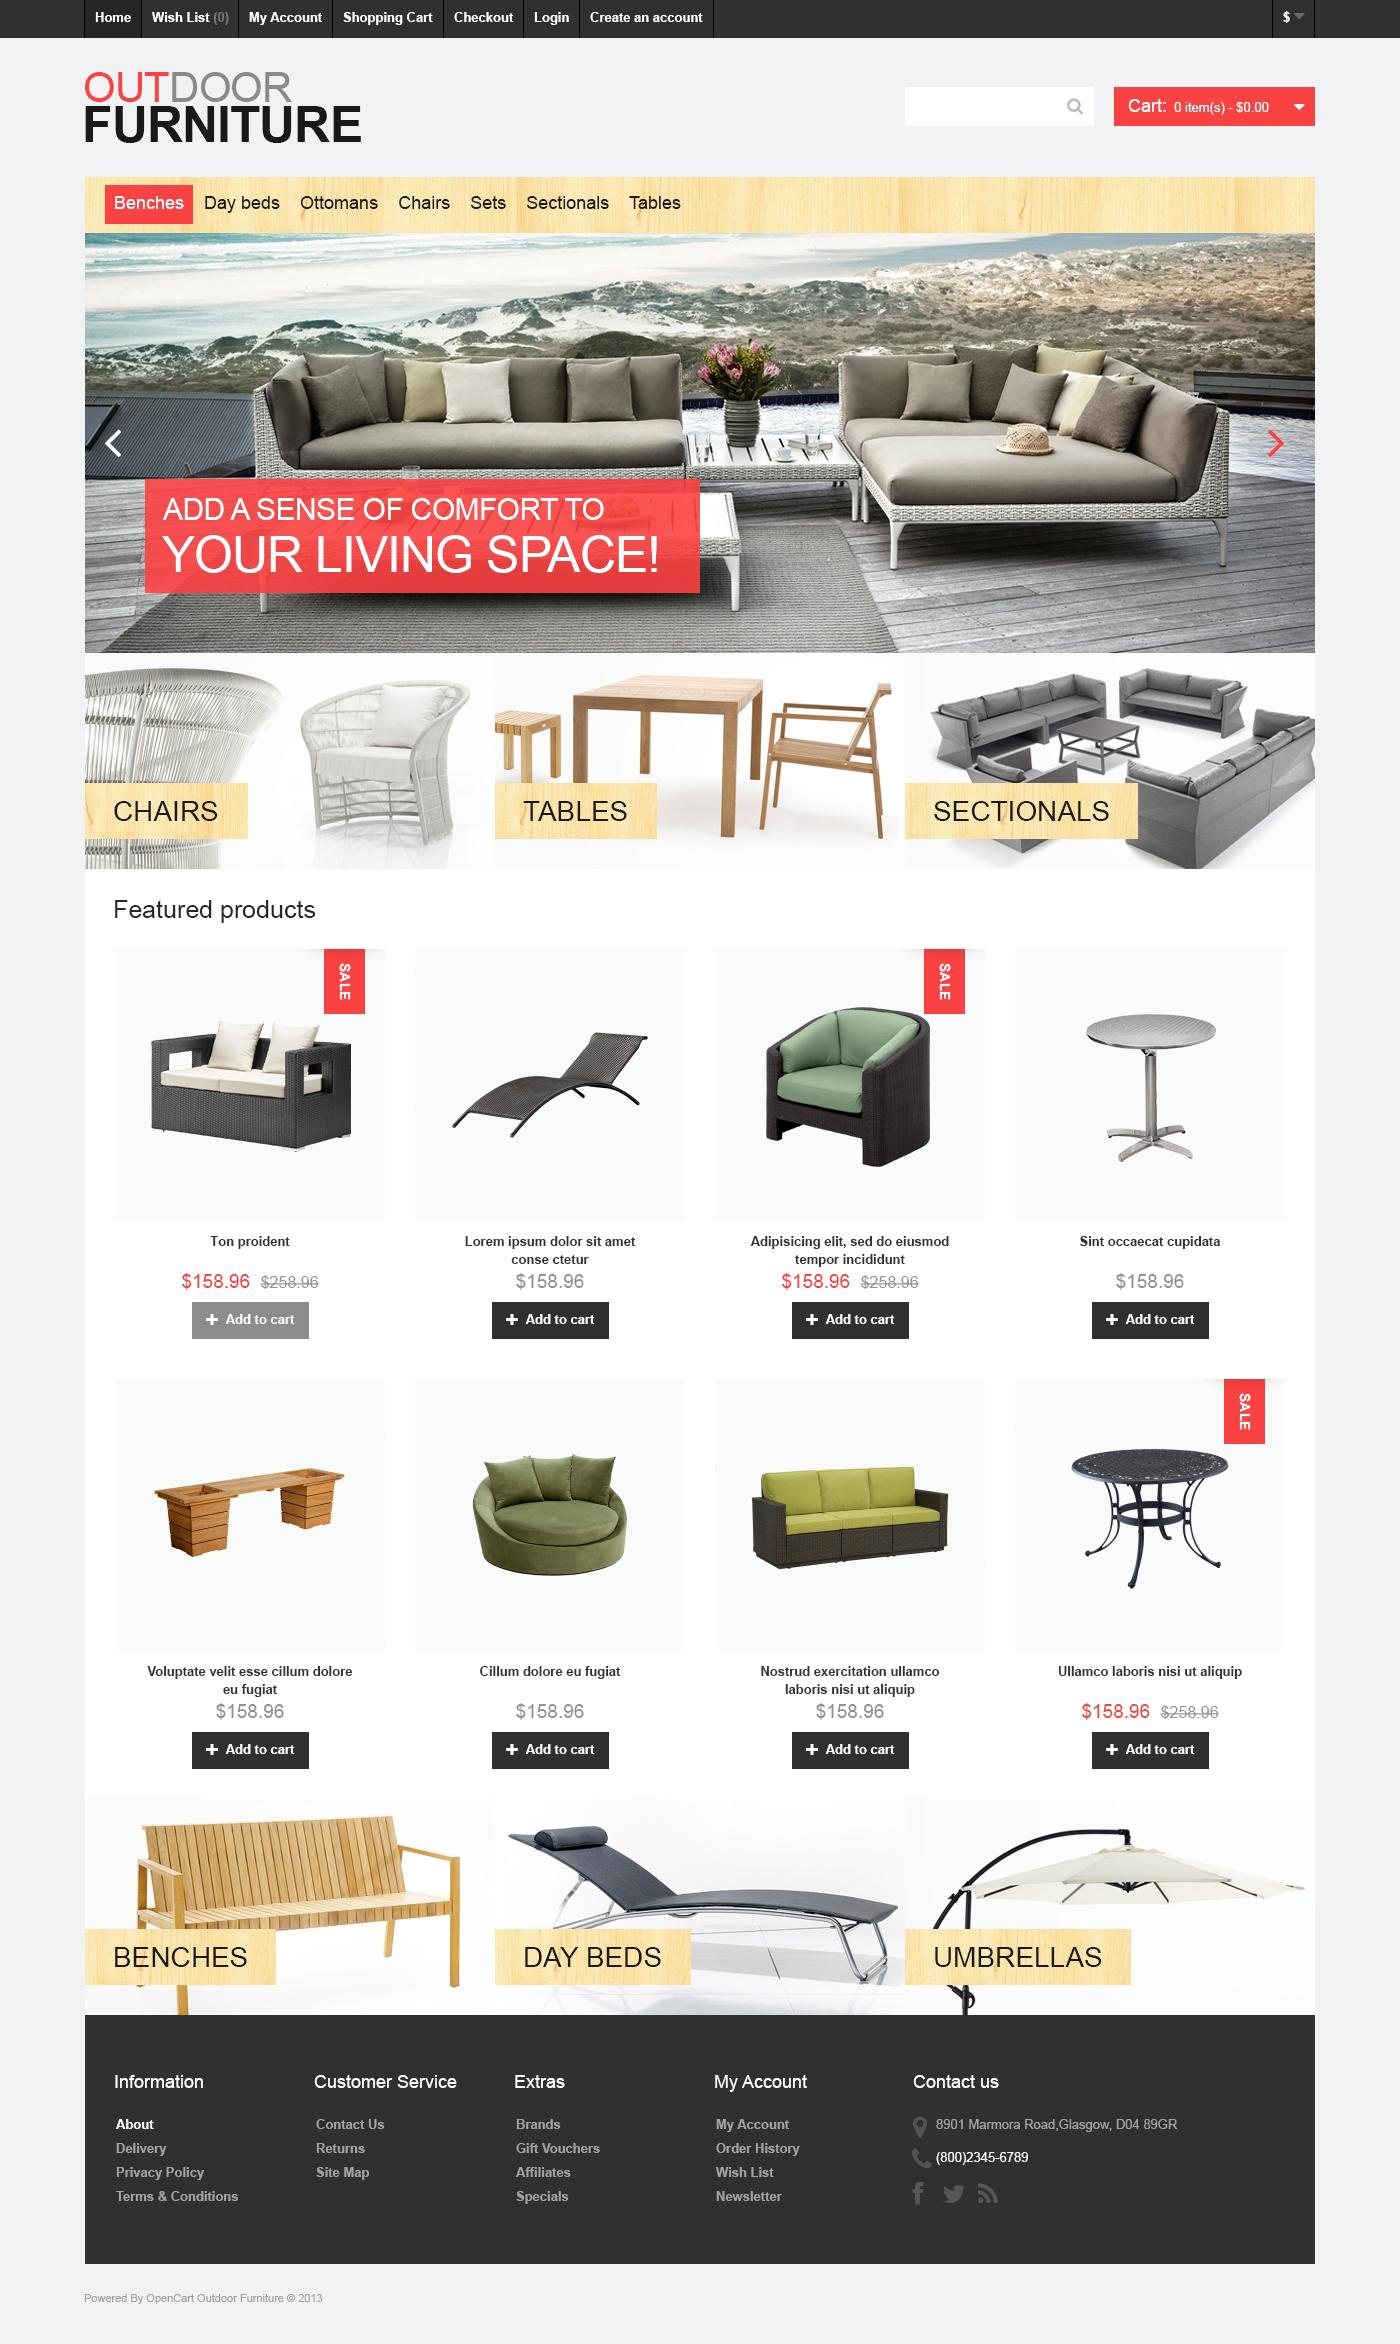 Szablon OpenCart Outdoor Furniture #46977 - zrzut ekranu